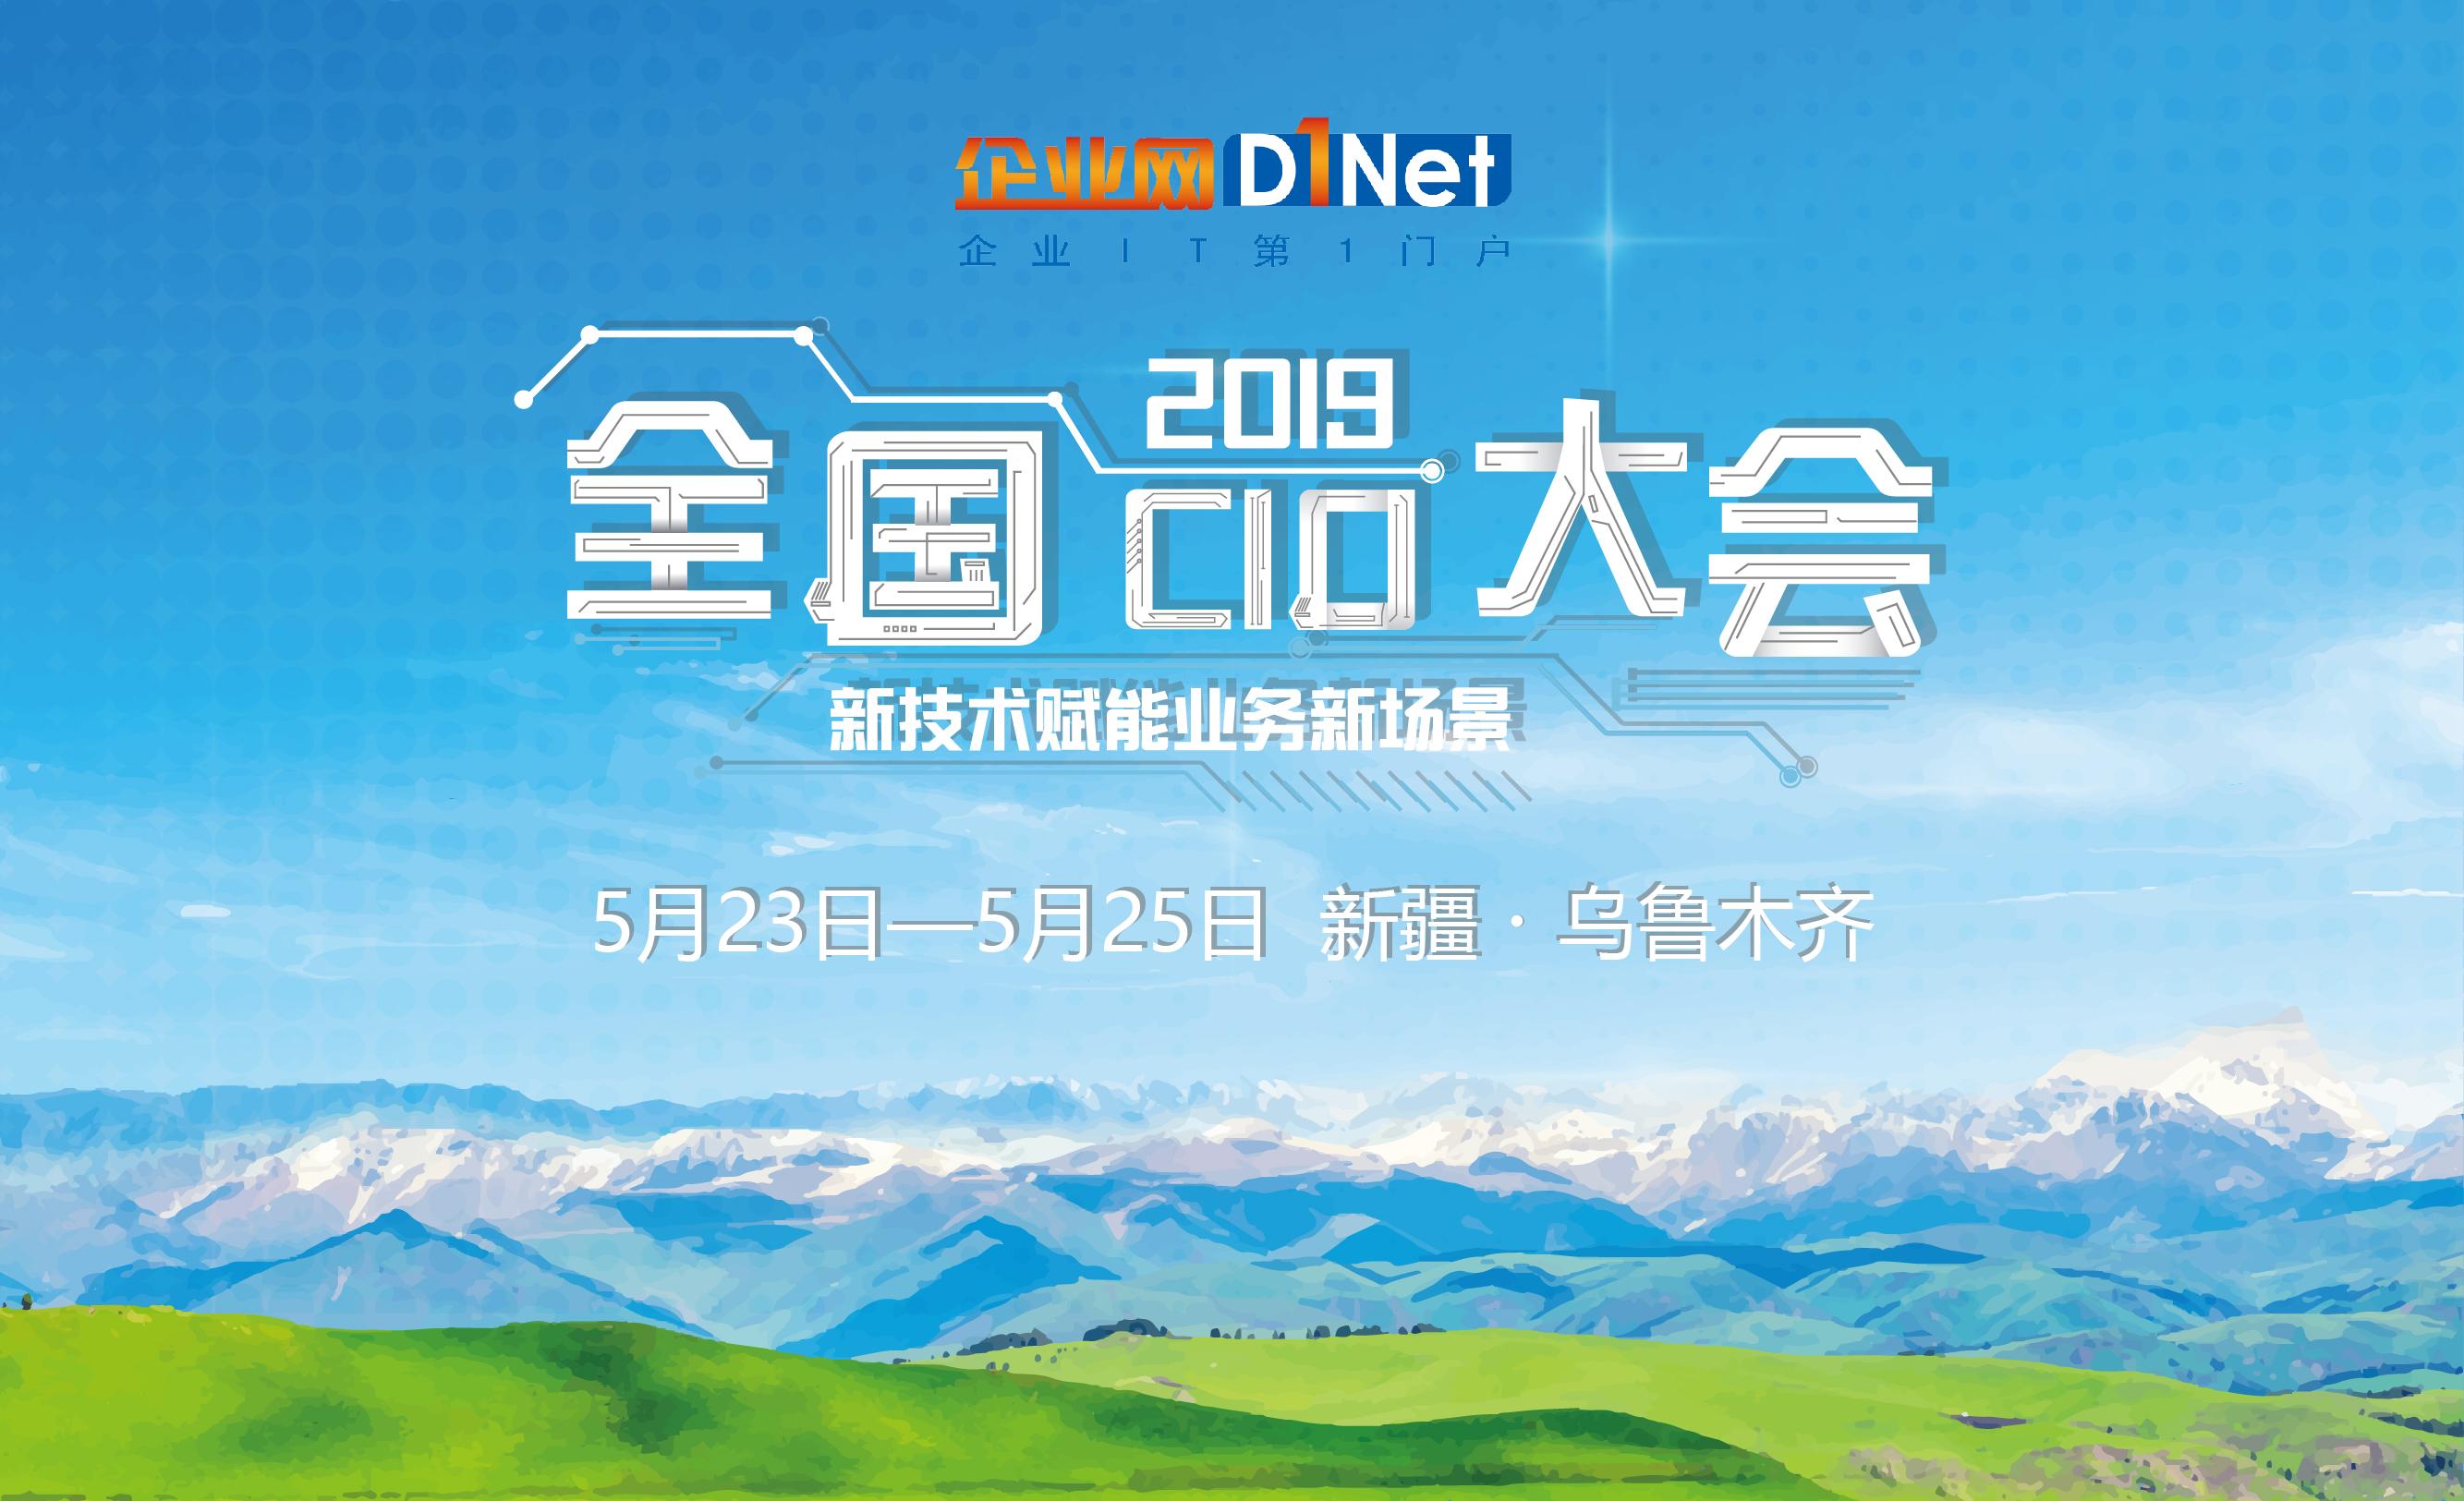 新技术赋能业务新场景,2019 CIOC全国CIO大会即将开幕